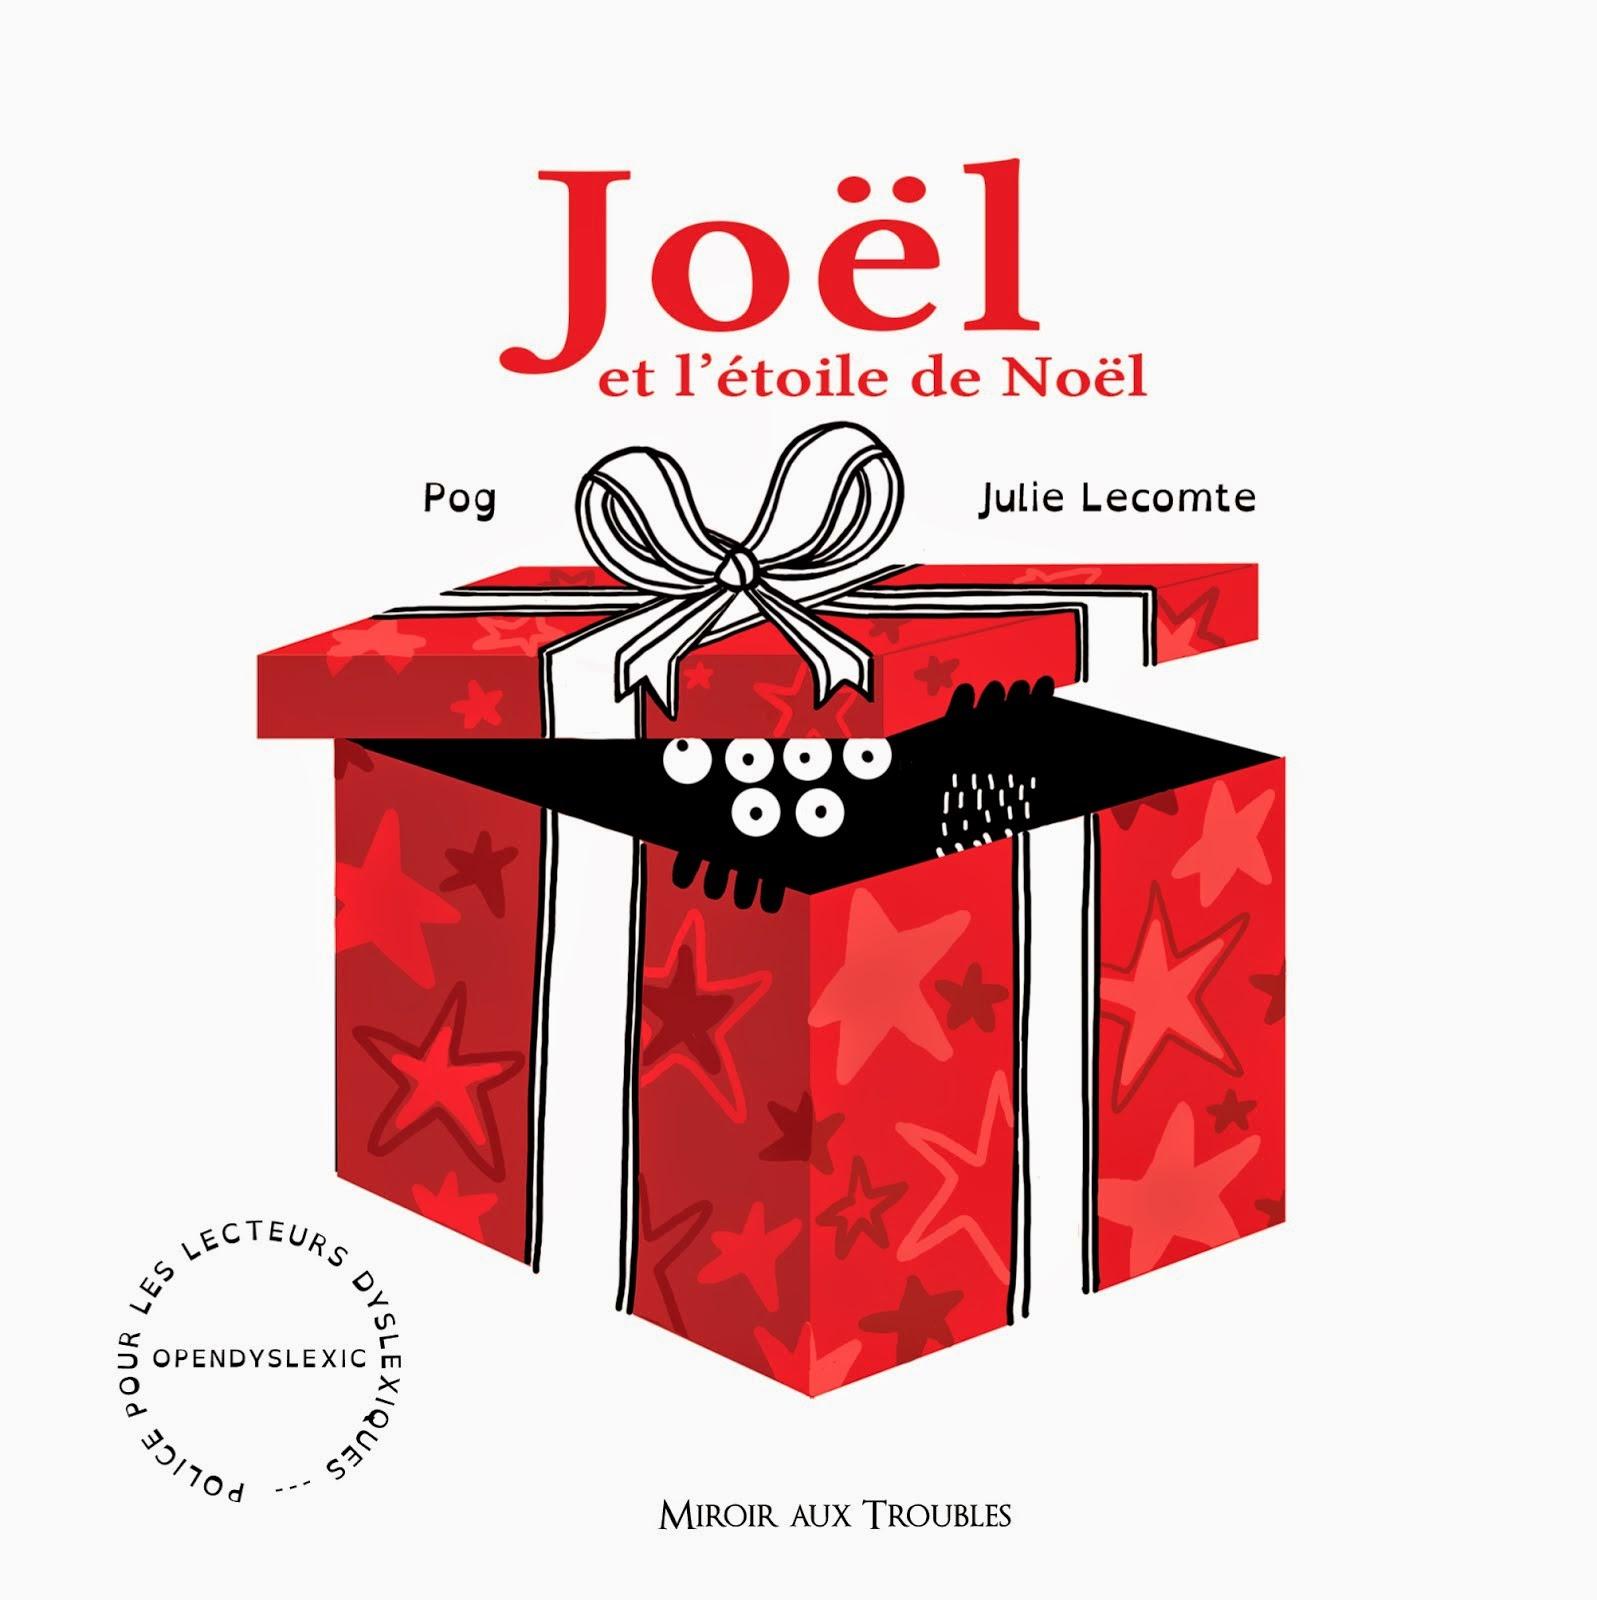 Joël et l'étoile de Noël